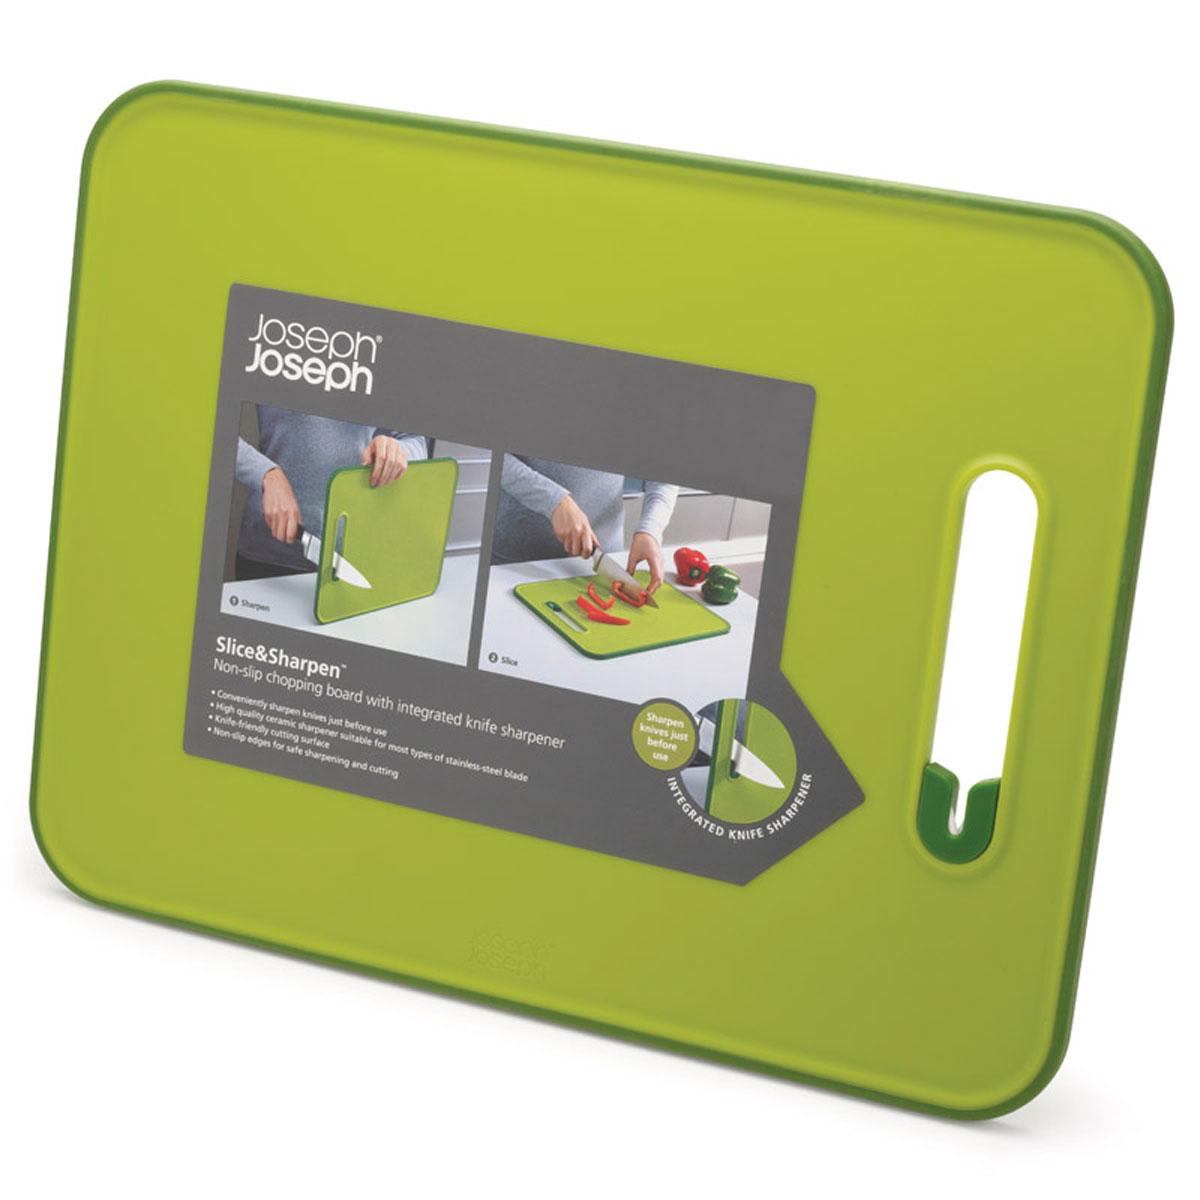 Доска разделочная Joseph Joseph Slice & Sharpen, с ножеточкой, цвет: зеленый, 29 х 22 х 1 см60047Доска разделочная Joseph Joseph Slice & Sharpen изготовлена из полипропилена, который защищает целостность ваших ножей и минимизирует его затупление. Доска оснащена керамической точилкой для лезвия, которая встроена прямо в рабочую поверхность. Для заточки поставьте доску на сухую плоскую поверхность, поместить лезвие ножа в прорезь и проведите несколько раз. Нескользящий прорезиненный край доски обеспечивает устойчивость, как при нарезке продуктов, так и при заточке лезвия. Можно мыть в посудомоечной машине.